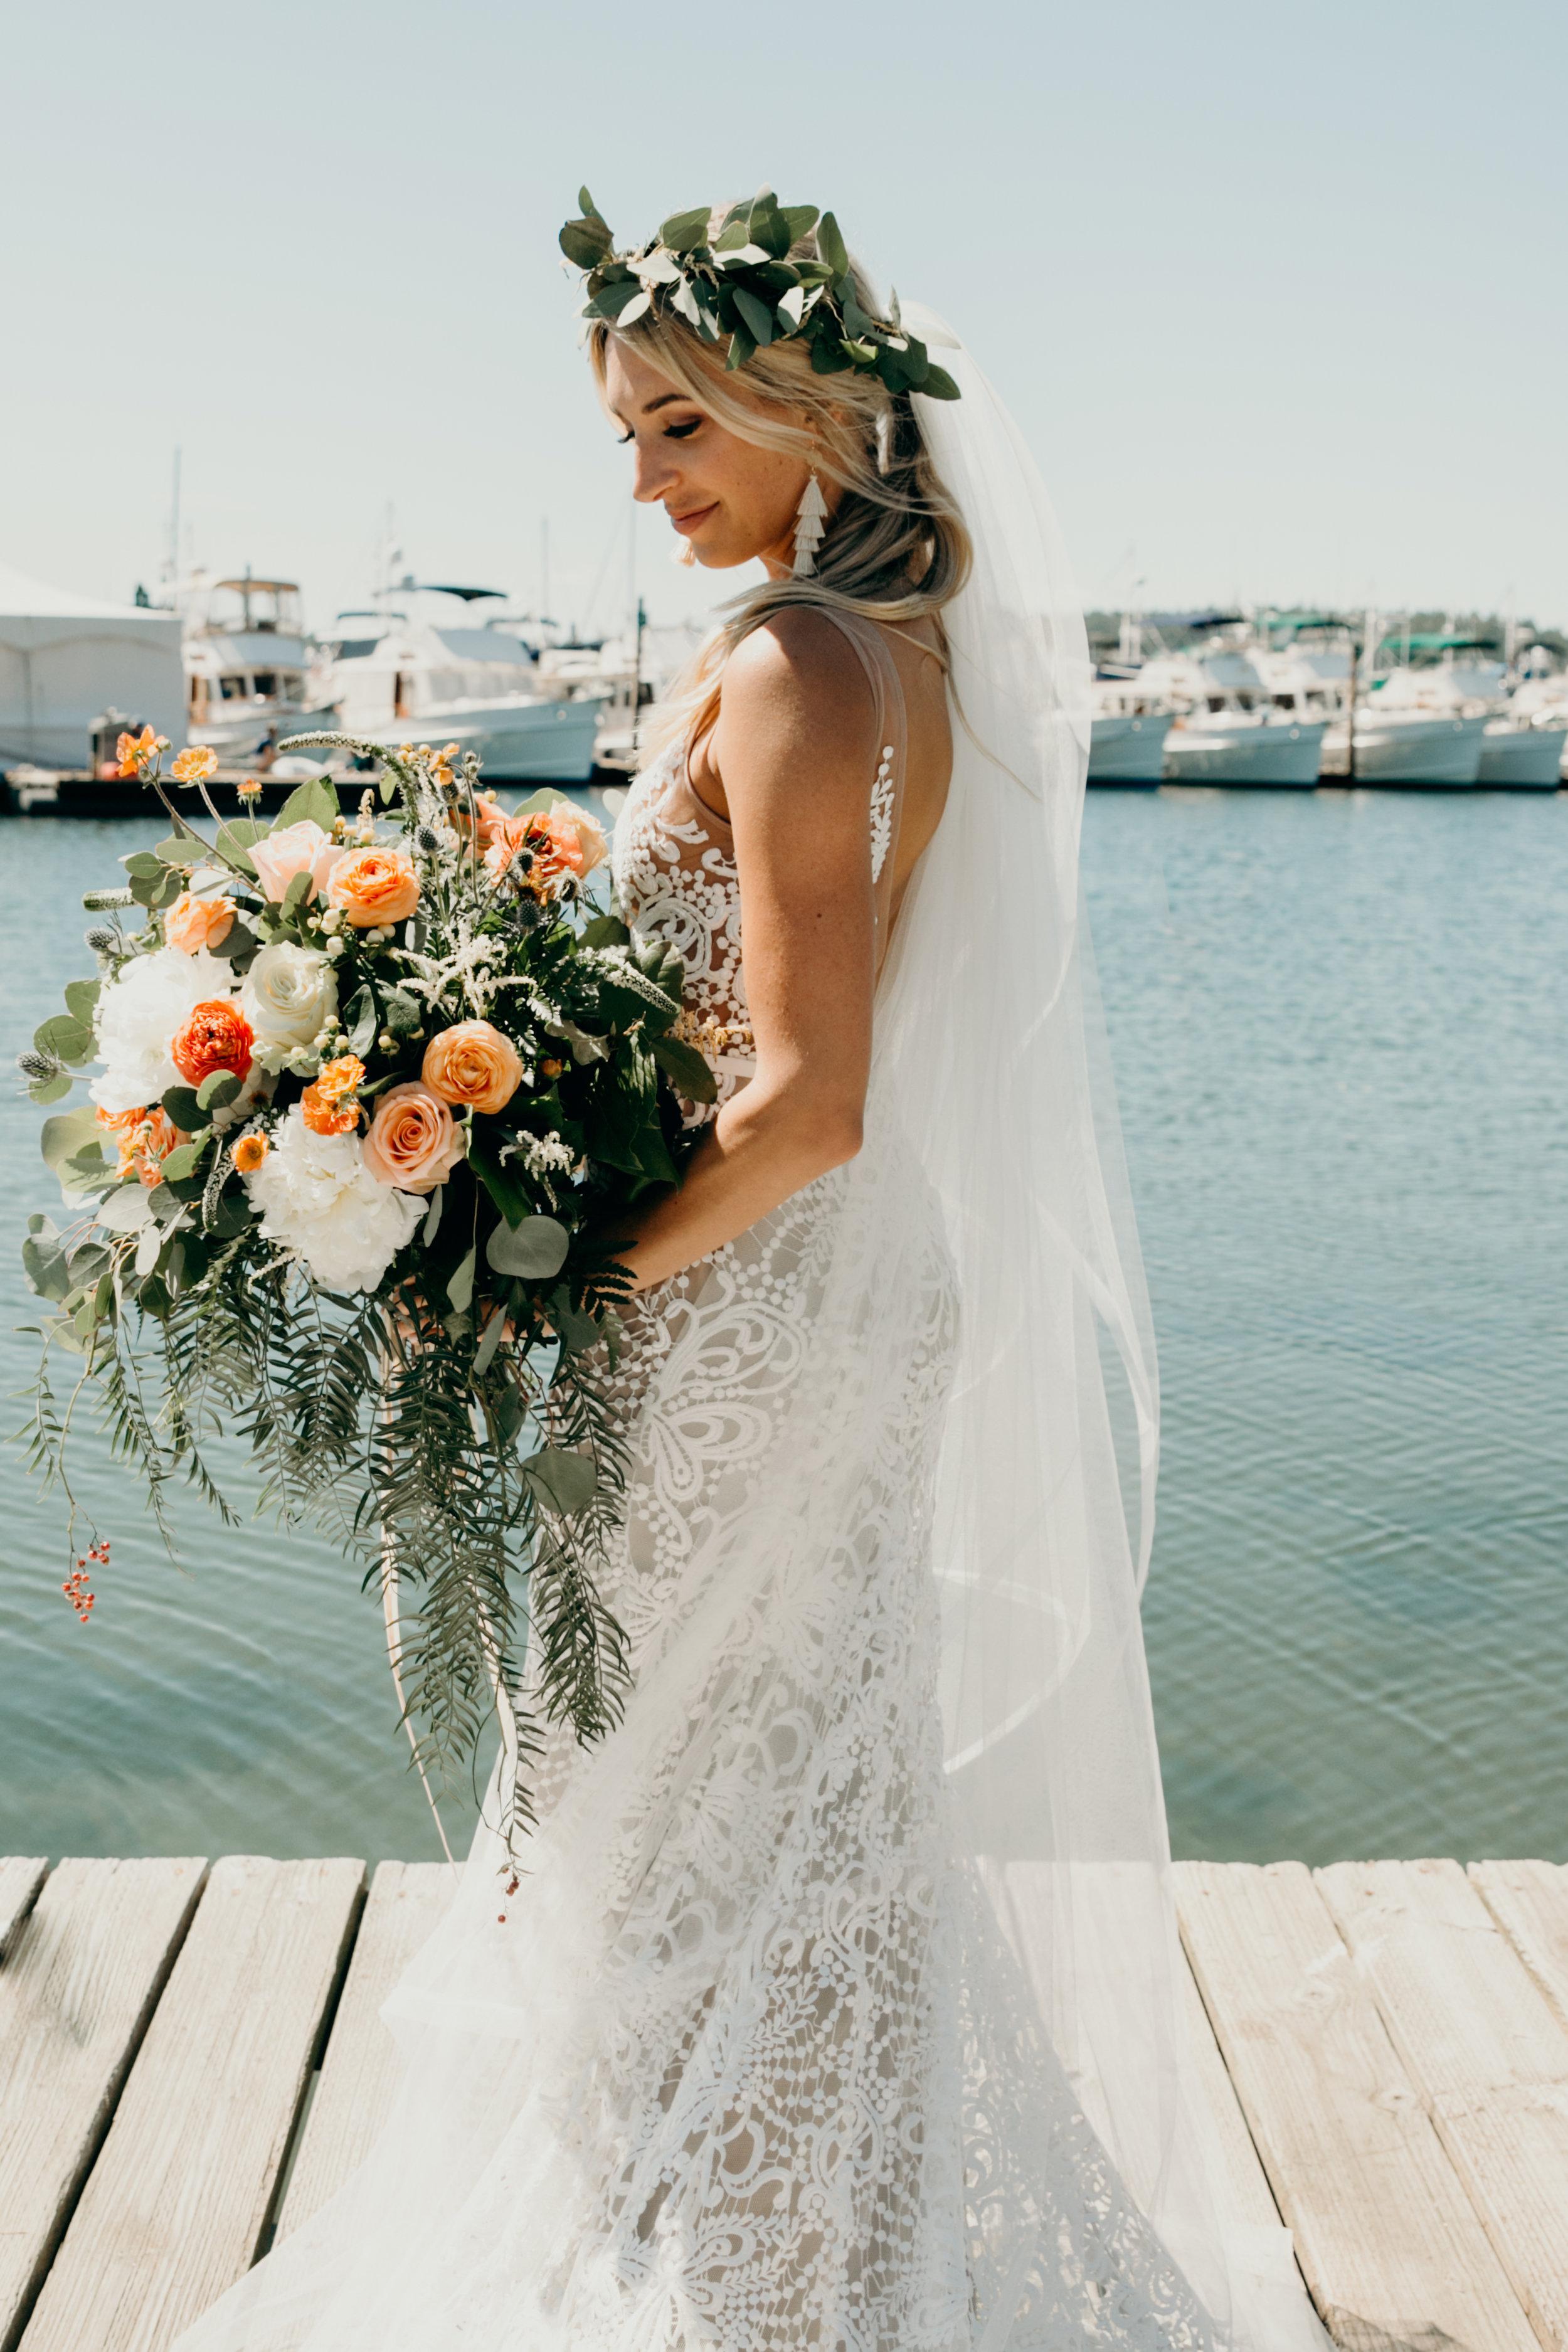 brides+-98 copy.jpg